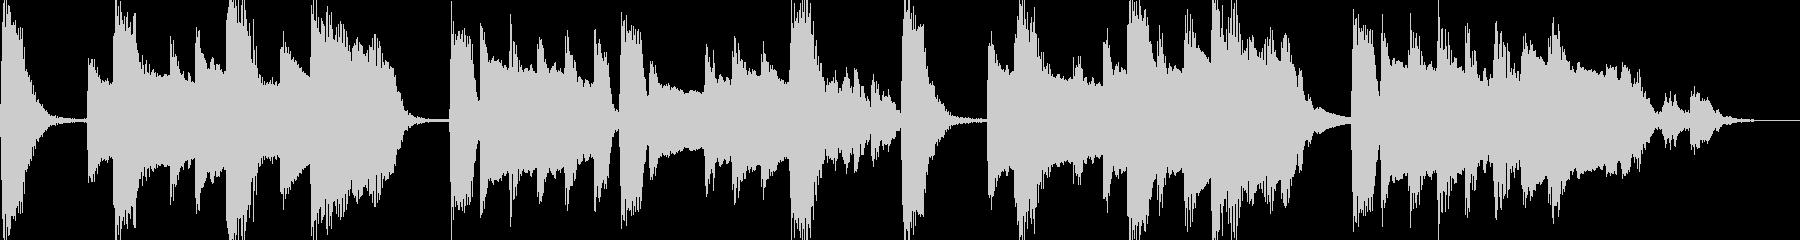 温かいピアノのジングル(ループ可)の未再生の波形